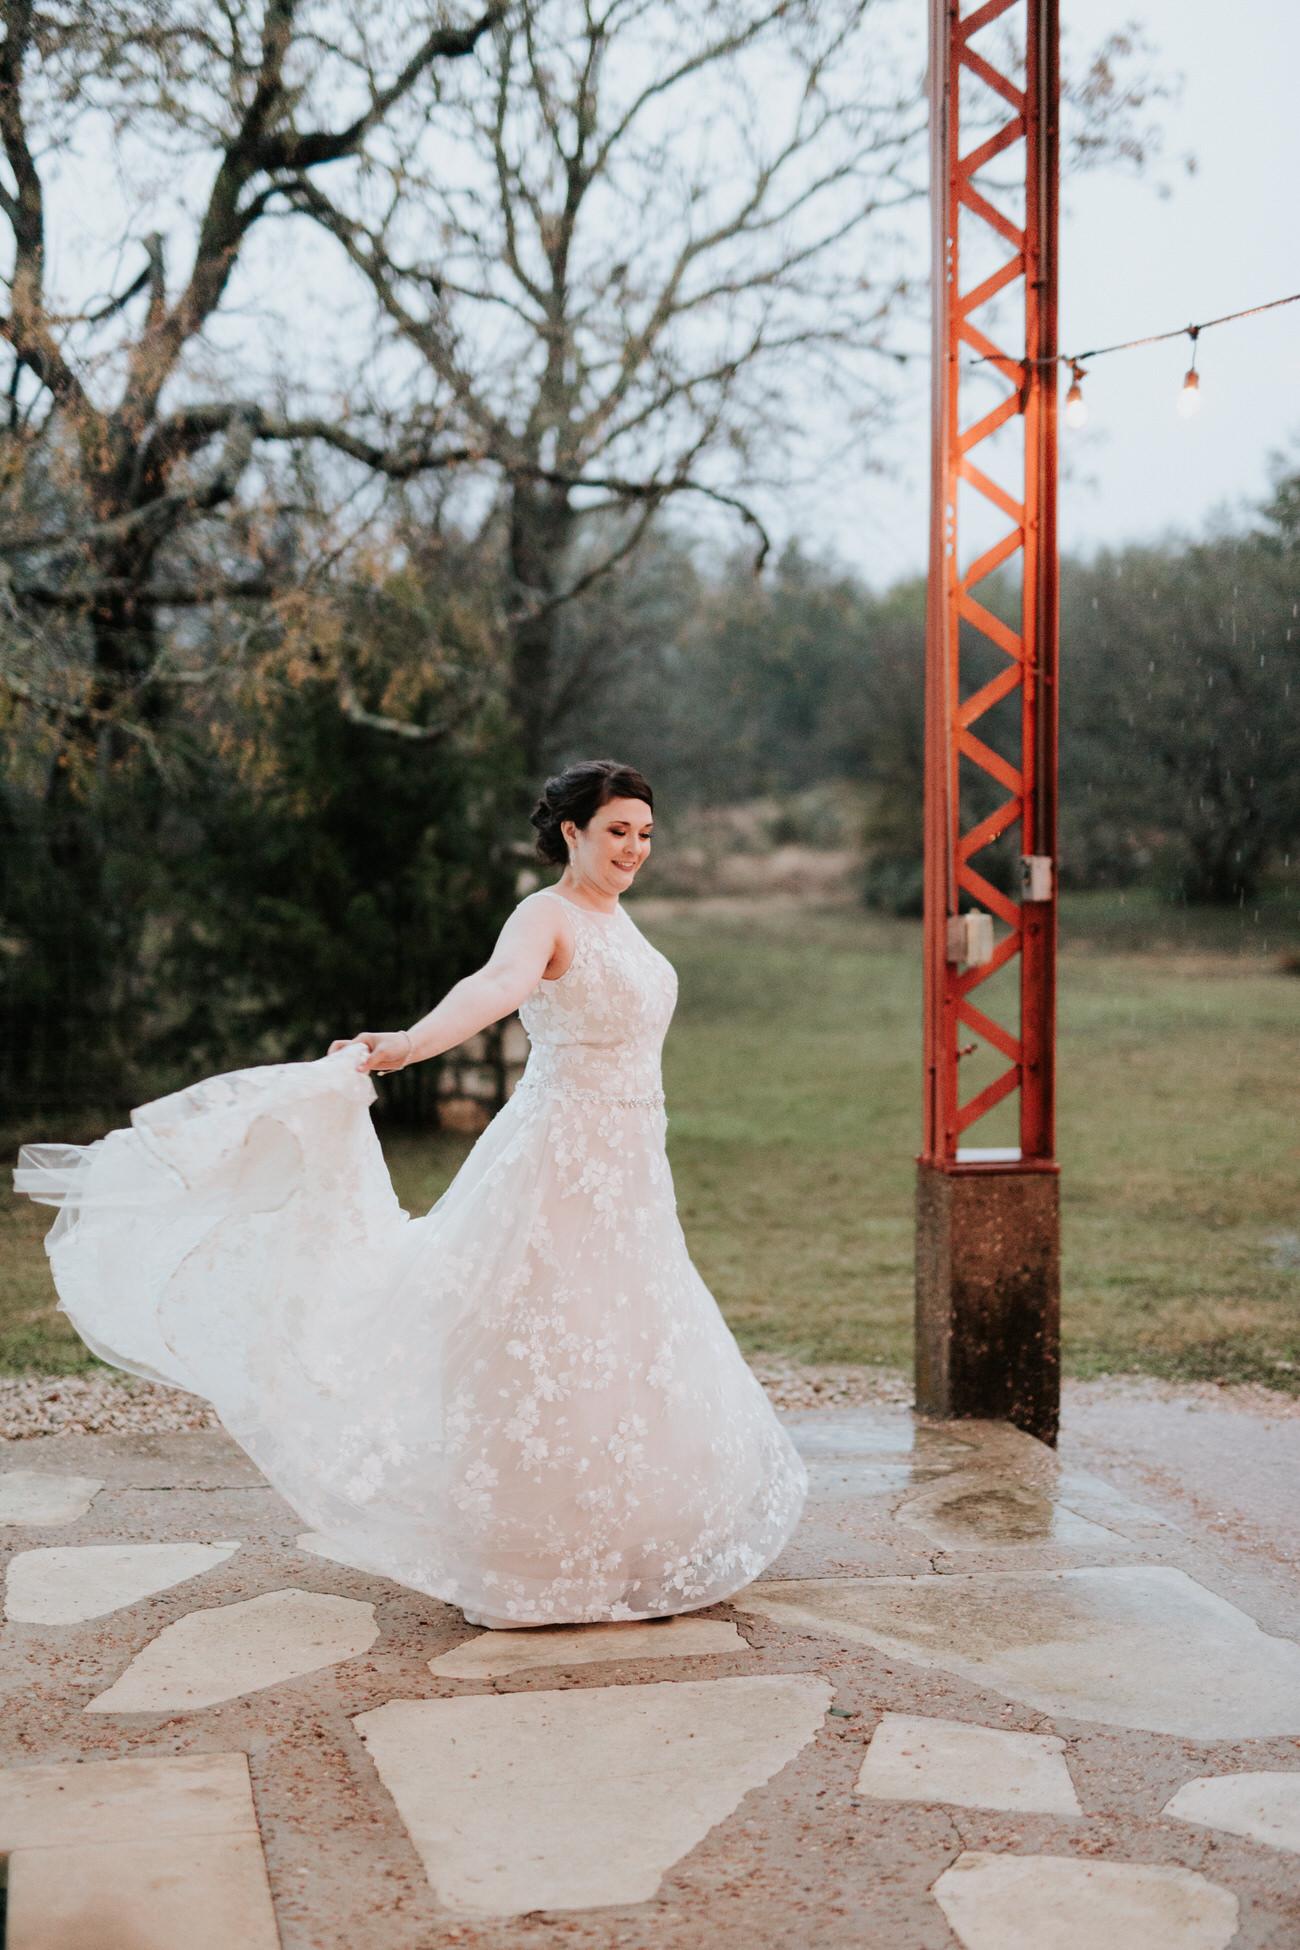 Bride twirling dress outside